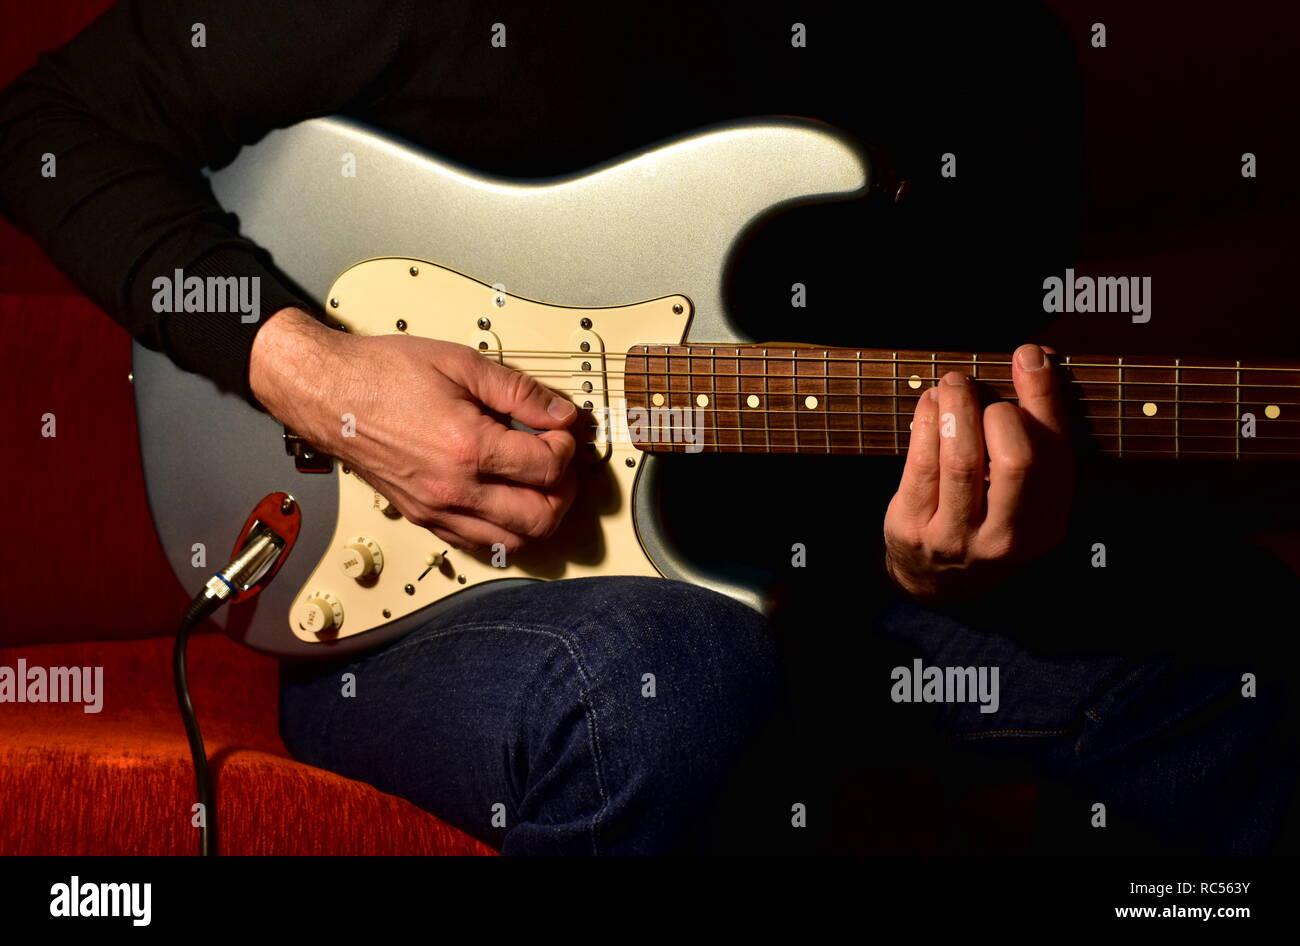 Guitar Brand Stock Photos & Guitar Brand Stock Images - Alamy